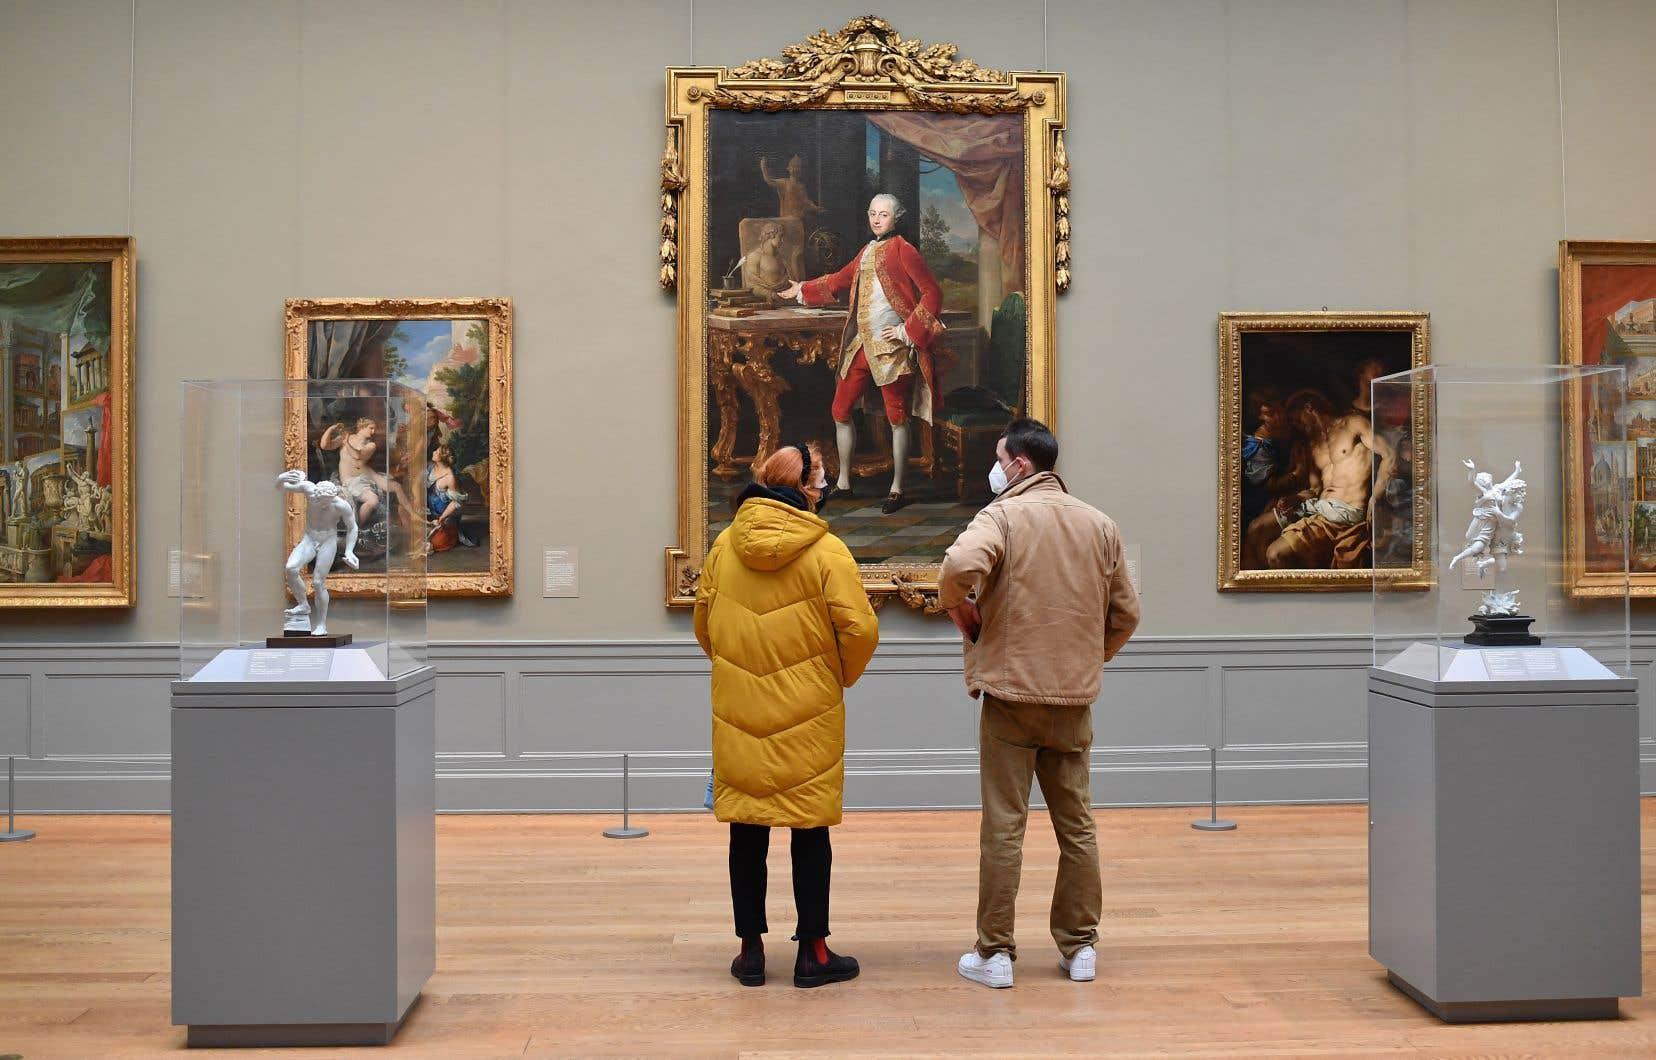 Le Metropolitan Museum of Art cède ainsi surtout des objets dont il possède plusieurs exemplaires ou des œuvres d'un artiste «dont nous avons déjà deux douzaines de travaux de la même période», explique M.Hollein.